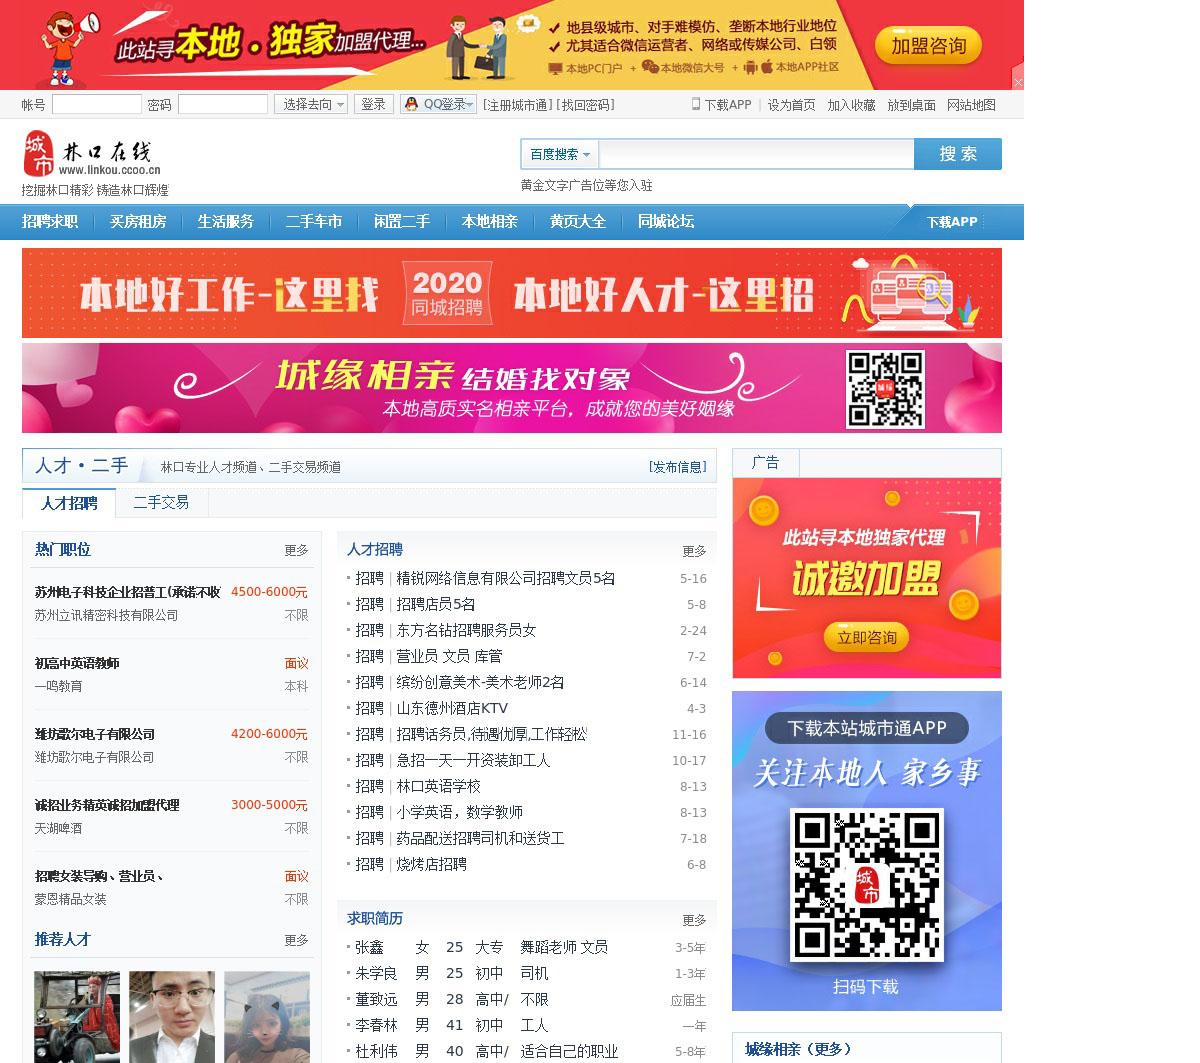 黑龙江广播交友_林口在线 - www.linkou.ccoo.cn